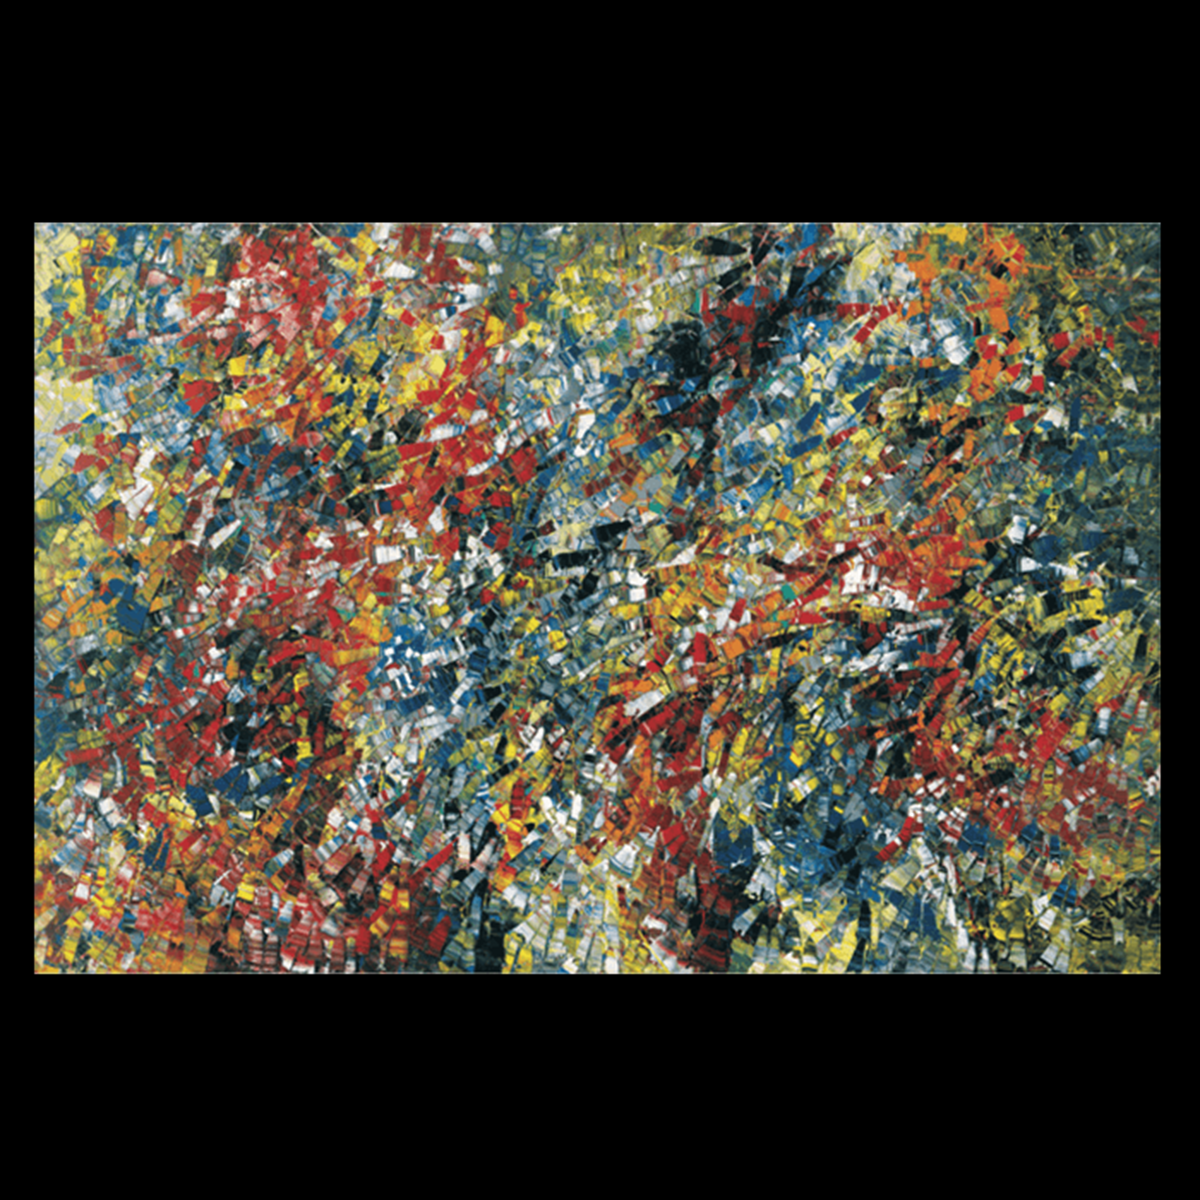 Harmonium - Histoiries sans paroles Covey by: Jean Paul Riopelle, Le Jacob-Chatou , 1954 / Oil on canvas , 200.6 x 300 cm © Succession Jean Paul Riopelle / SOCAN (2020)